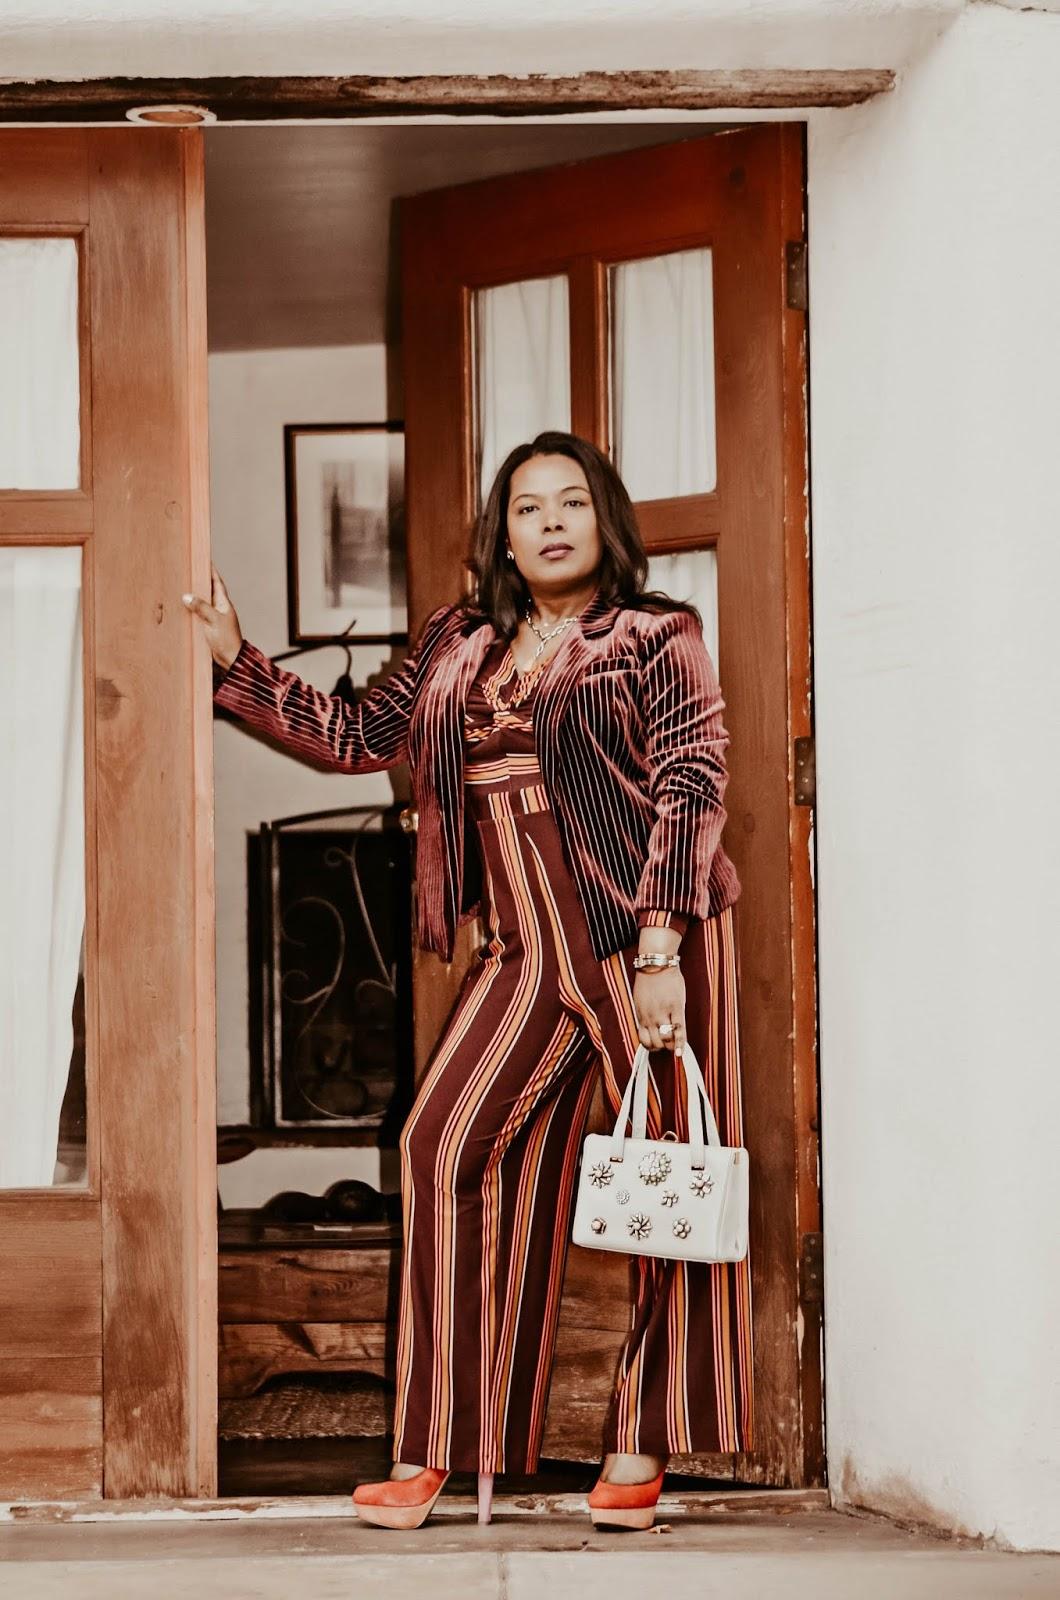 stipe-jumpsuit-outfit-in-korakia-pensione-palmsprings-resort-springtravel-destination-2019-vintage-chloe-purse